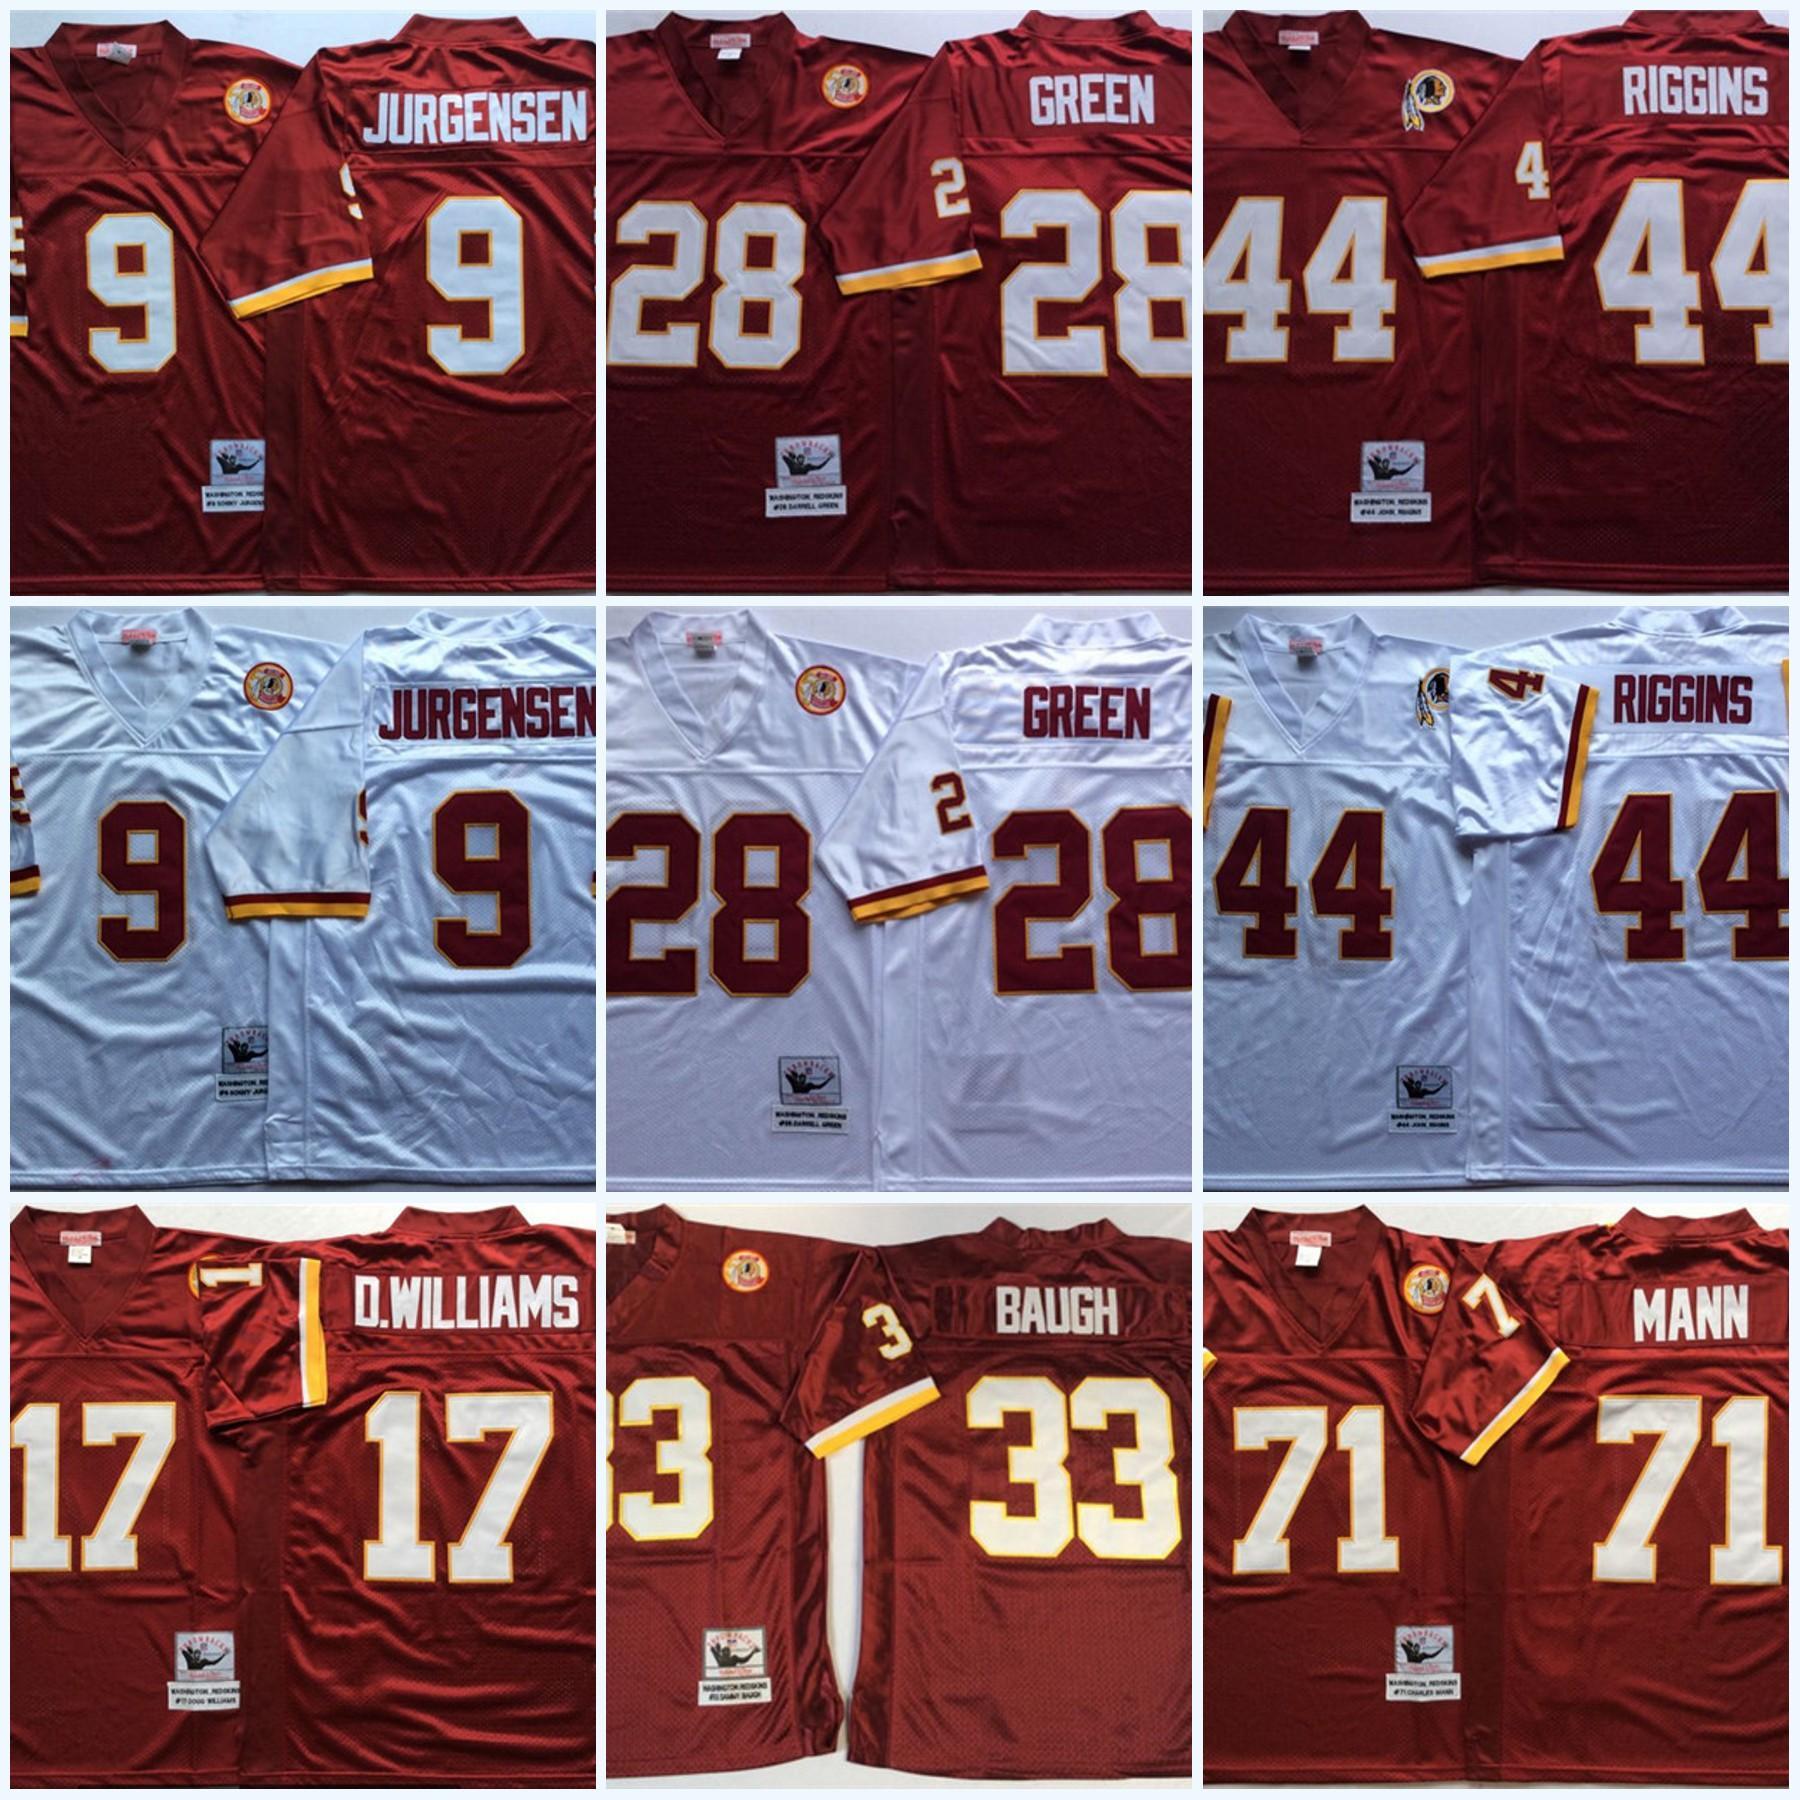 Mens # 33 Sammy Baugh Vintage Football Jersey # 28 Darrell Green 9 Sonny Jurgensen 44 John Riggins 17 Doug Williams 71 Charles Mann Jersey